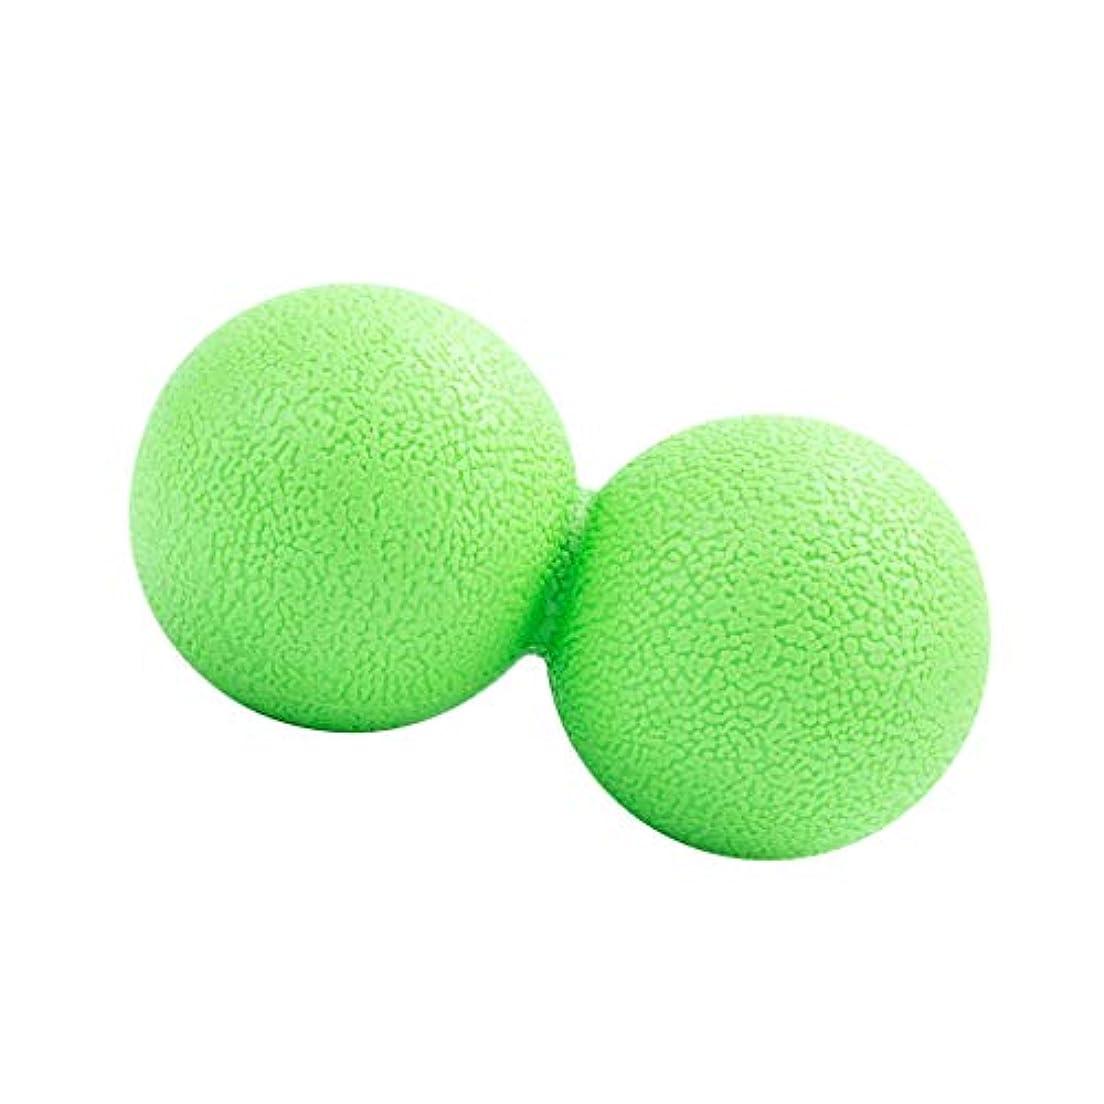 十二アッパー闇Baoblaze マッサージボール ピーナッツ型 筋リラクサー モビリティボール 健康器具 全2色 - 緑, 13cm